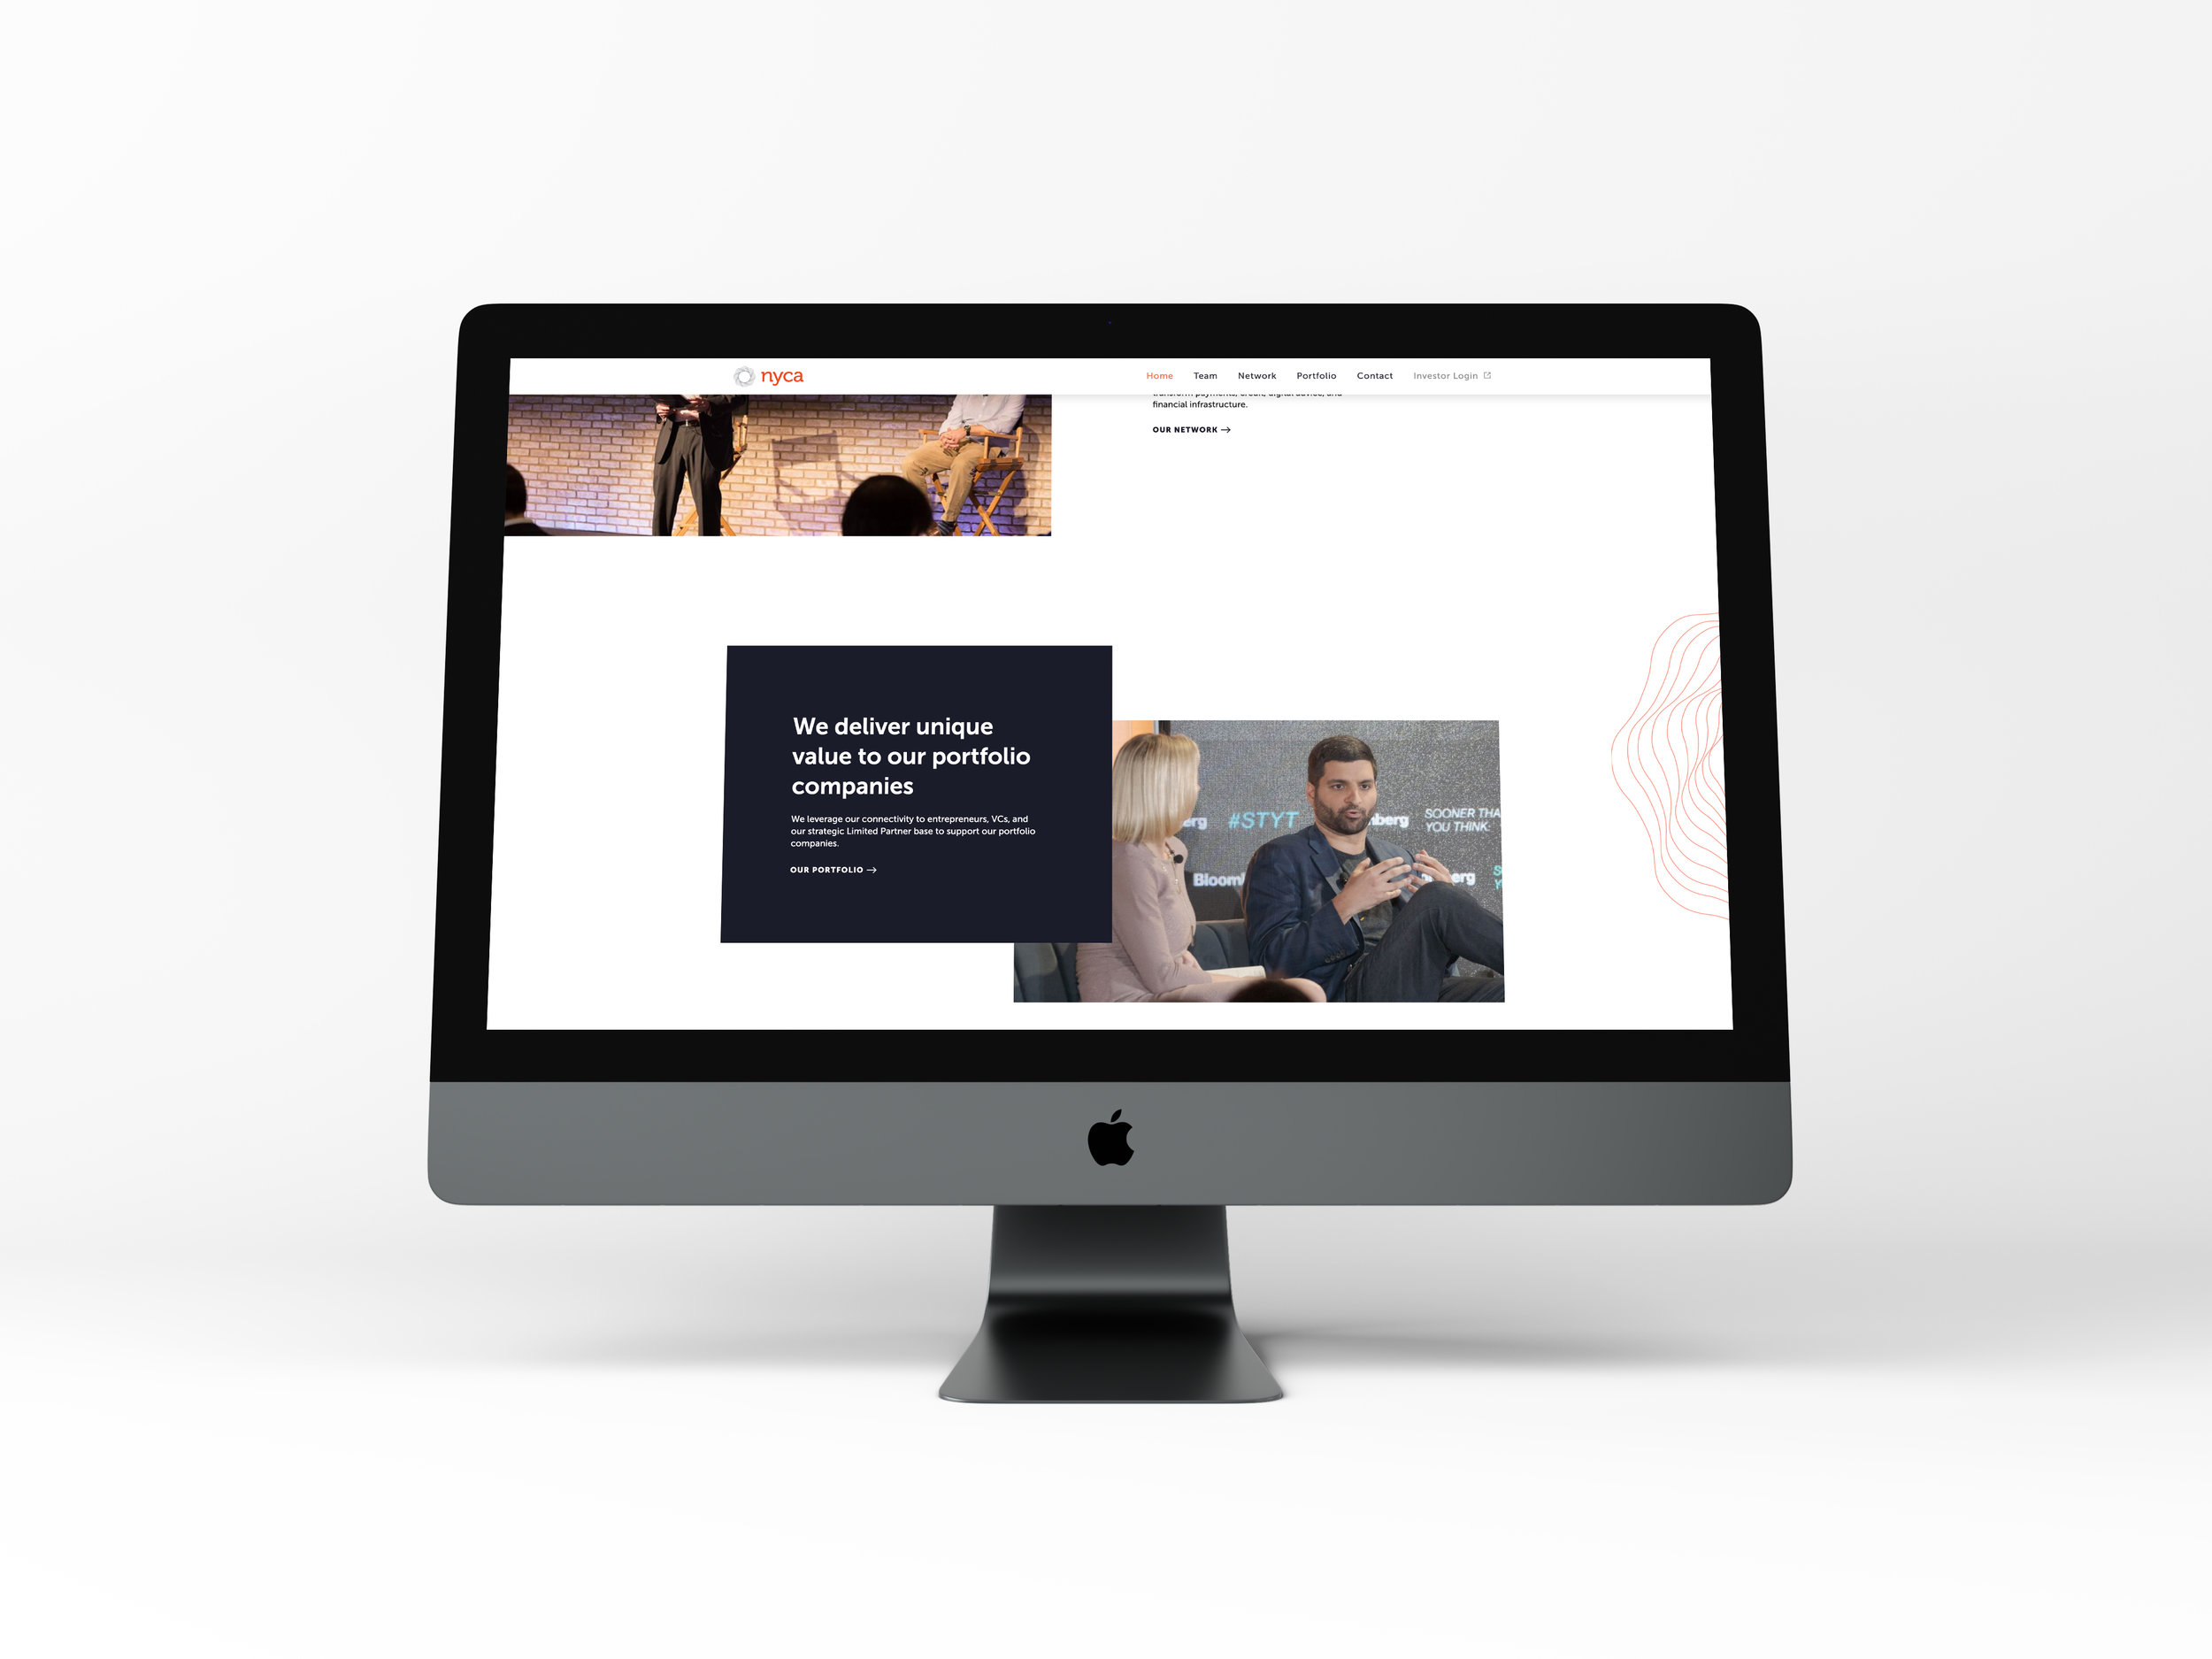 Mockup-3-desktop.jpg